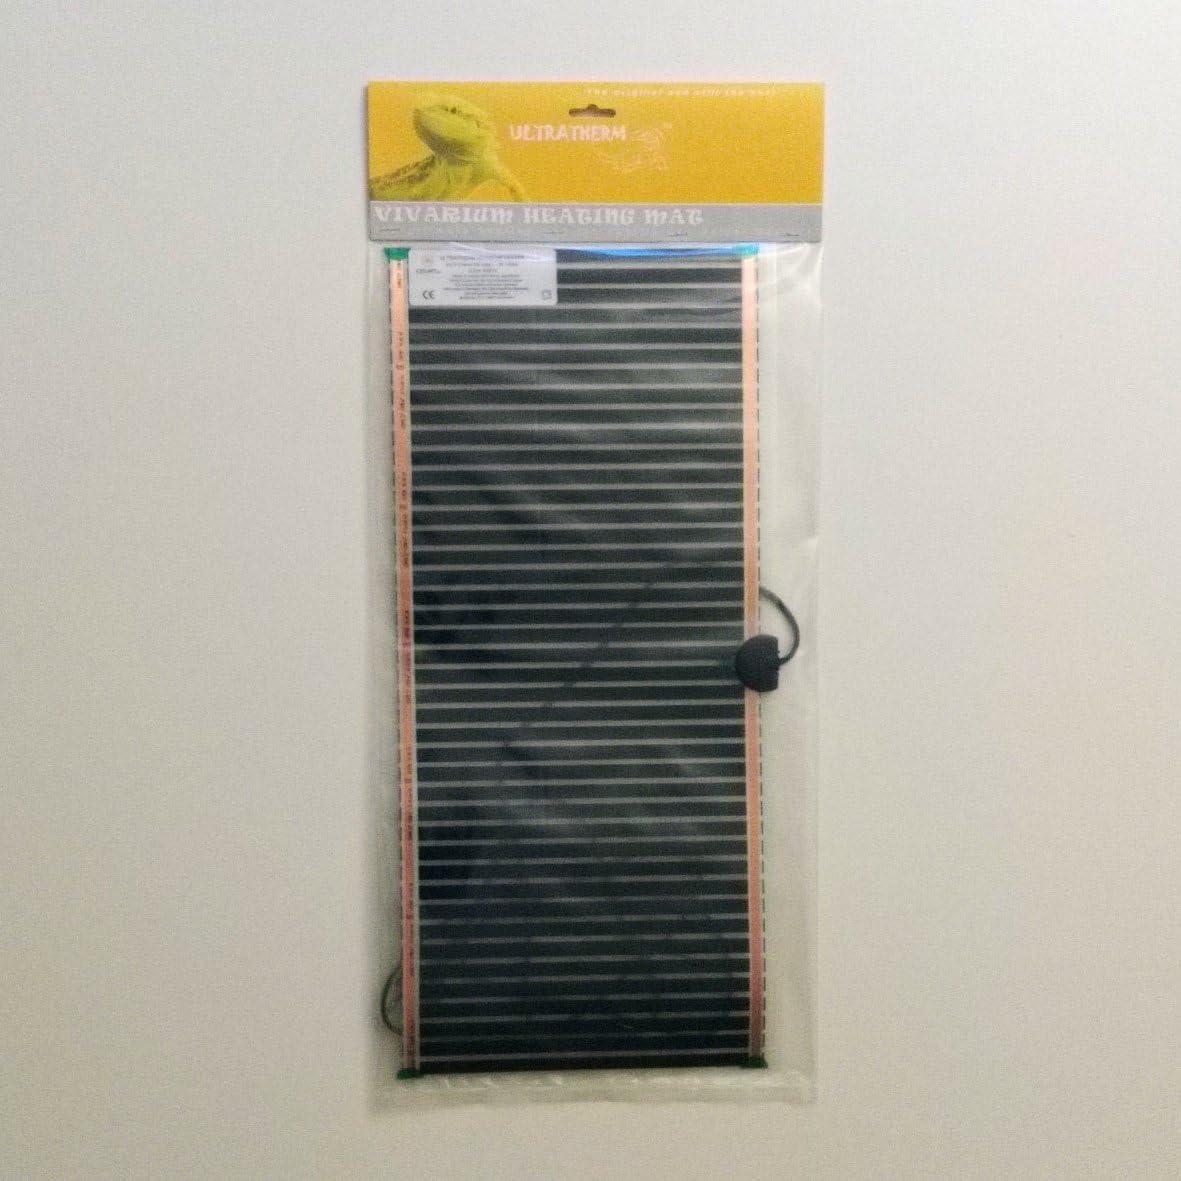 Manta termica calor para animales y reptiles 30W de 57 x 27 cm